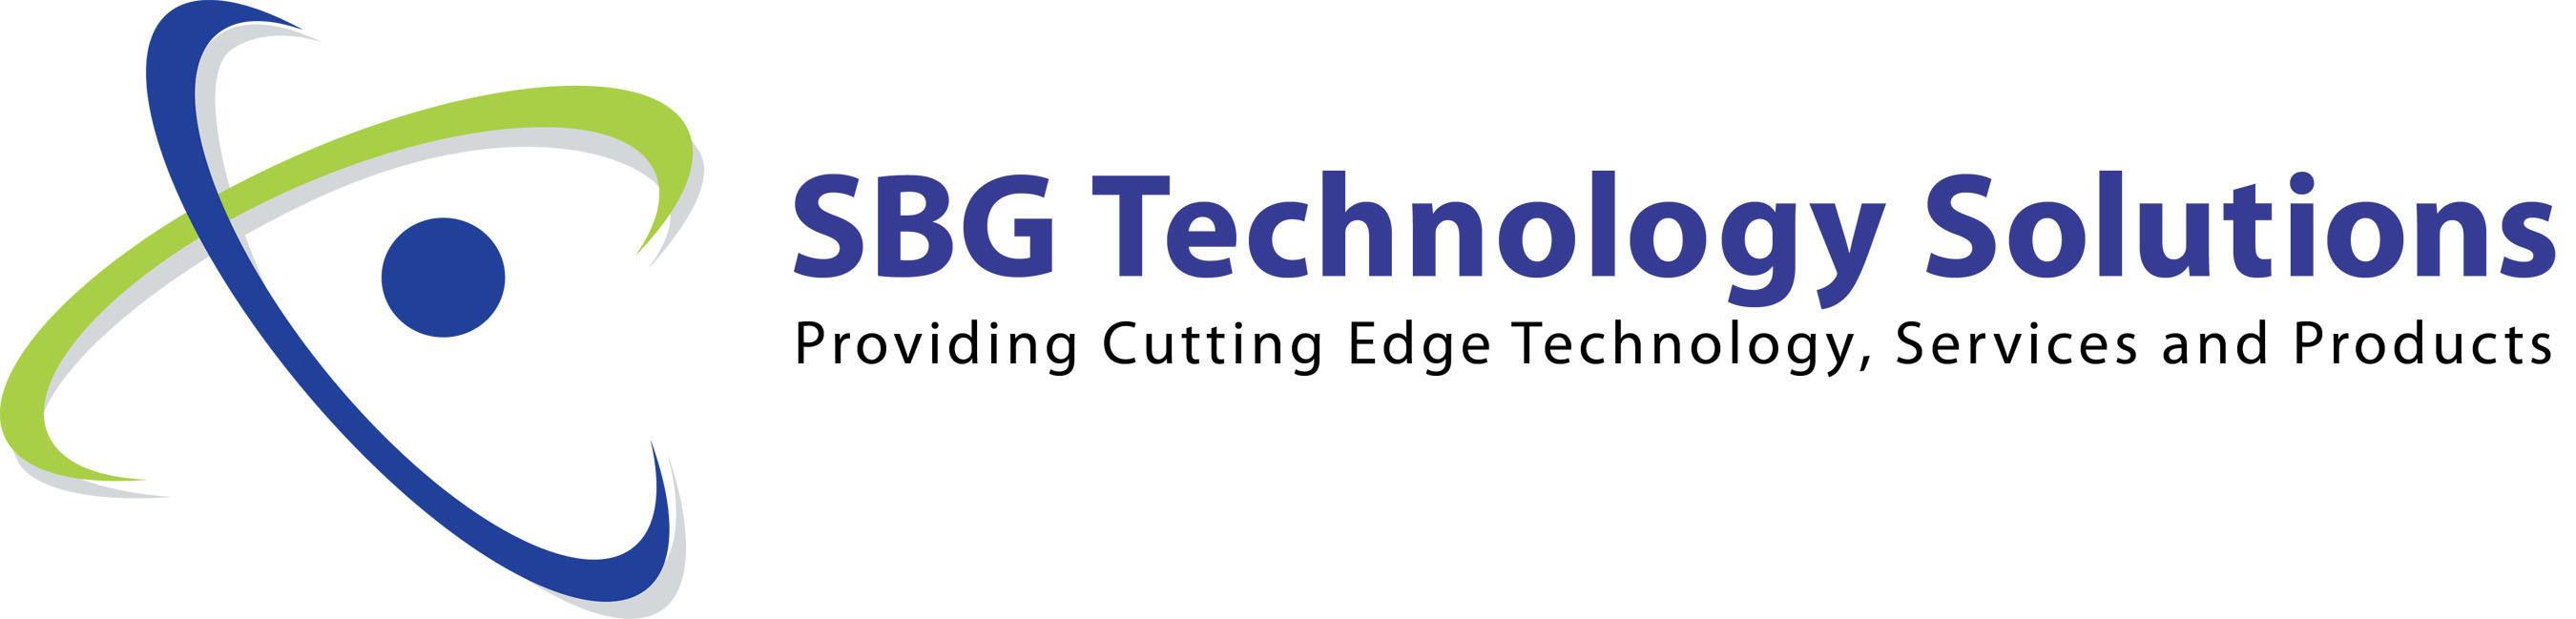 SBG Technology Solutions Logo. (PRNewsFoto/SBG Technology Solutions, Inc.) (PRNewsFoto/)